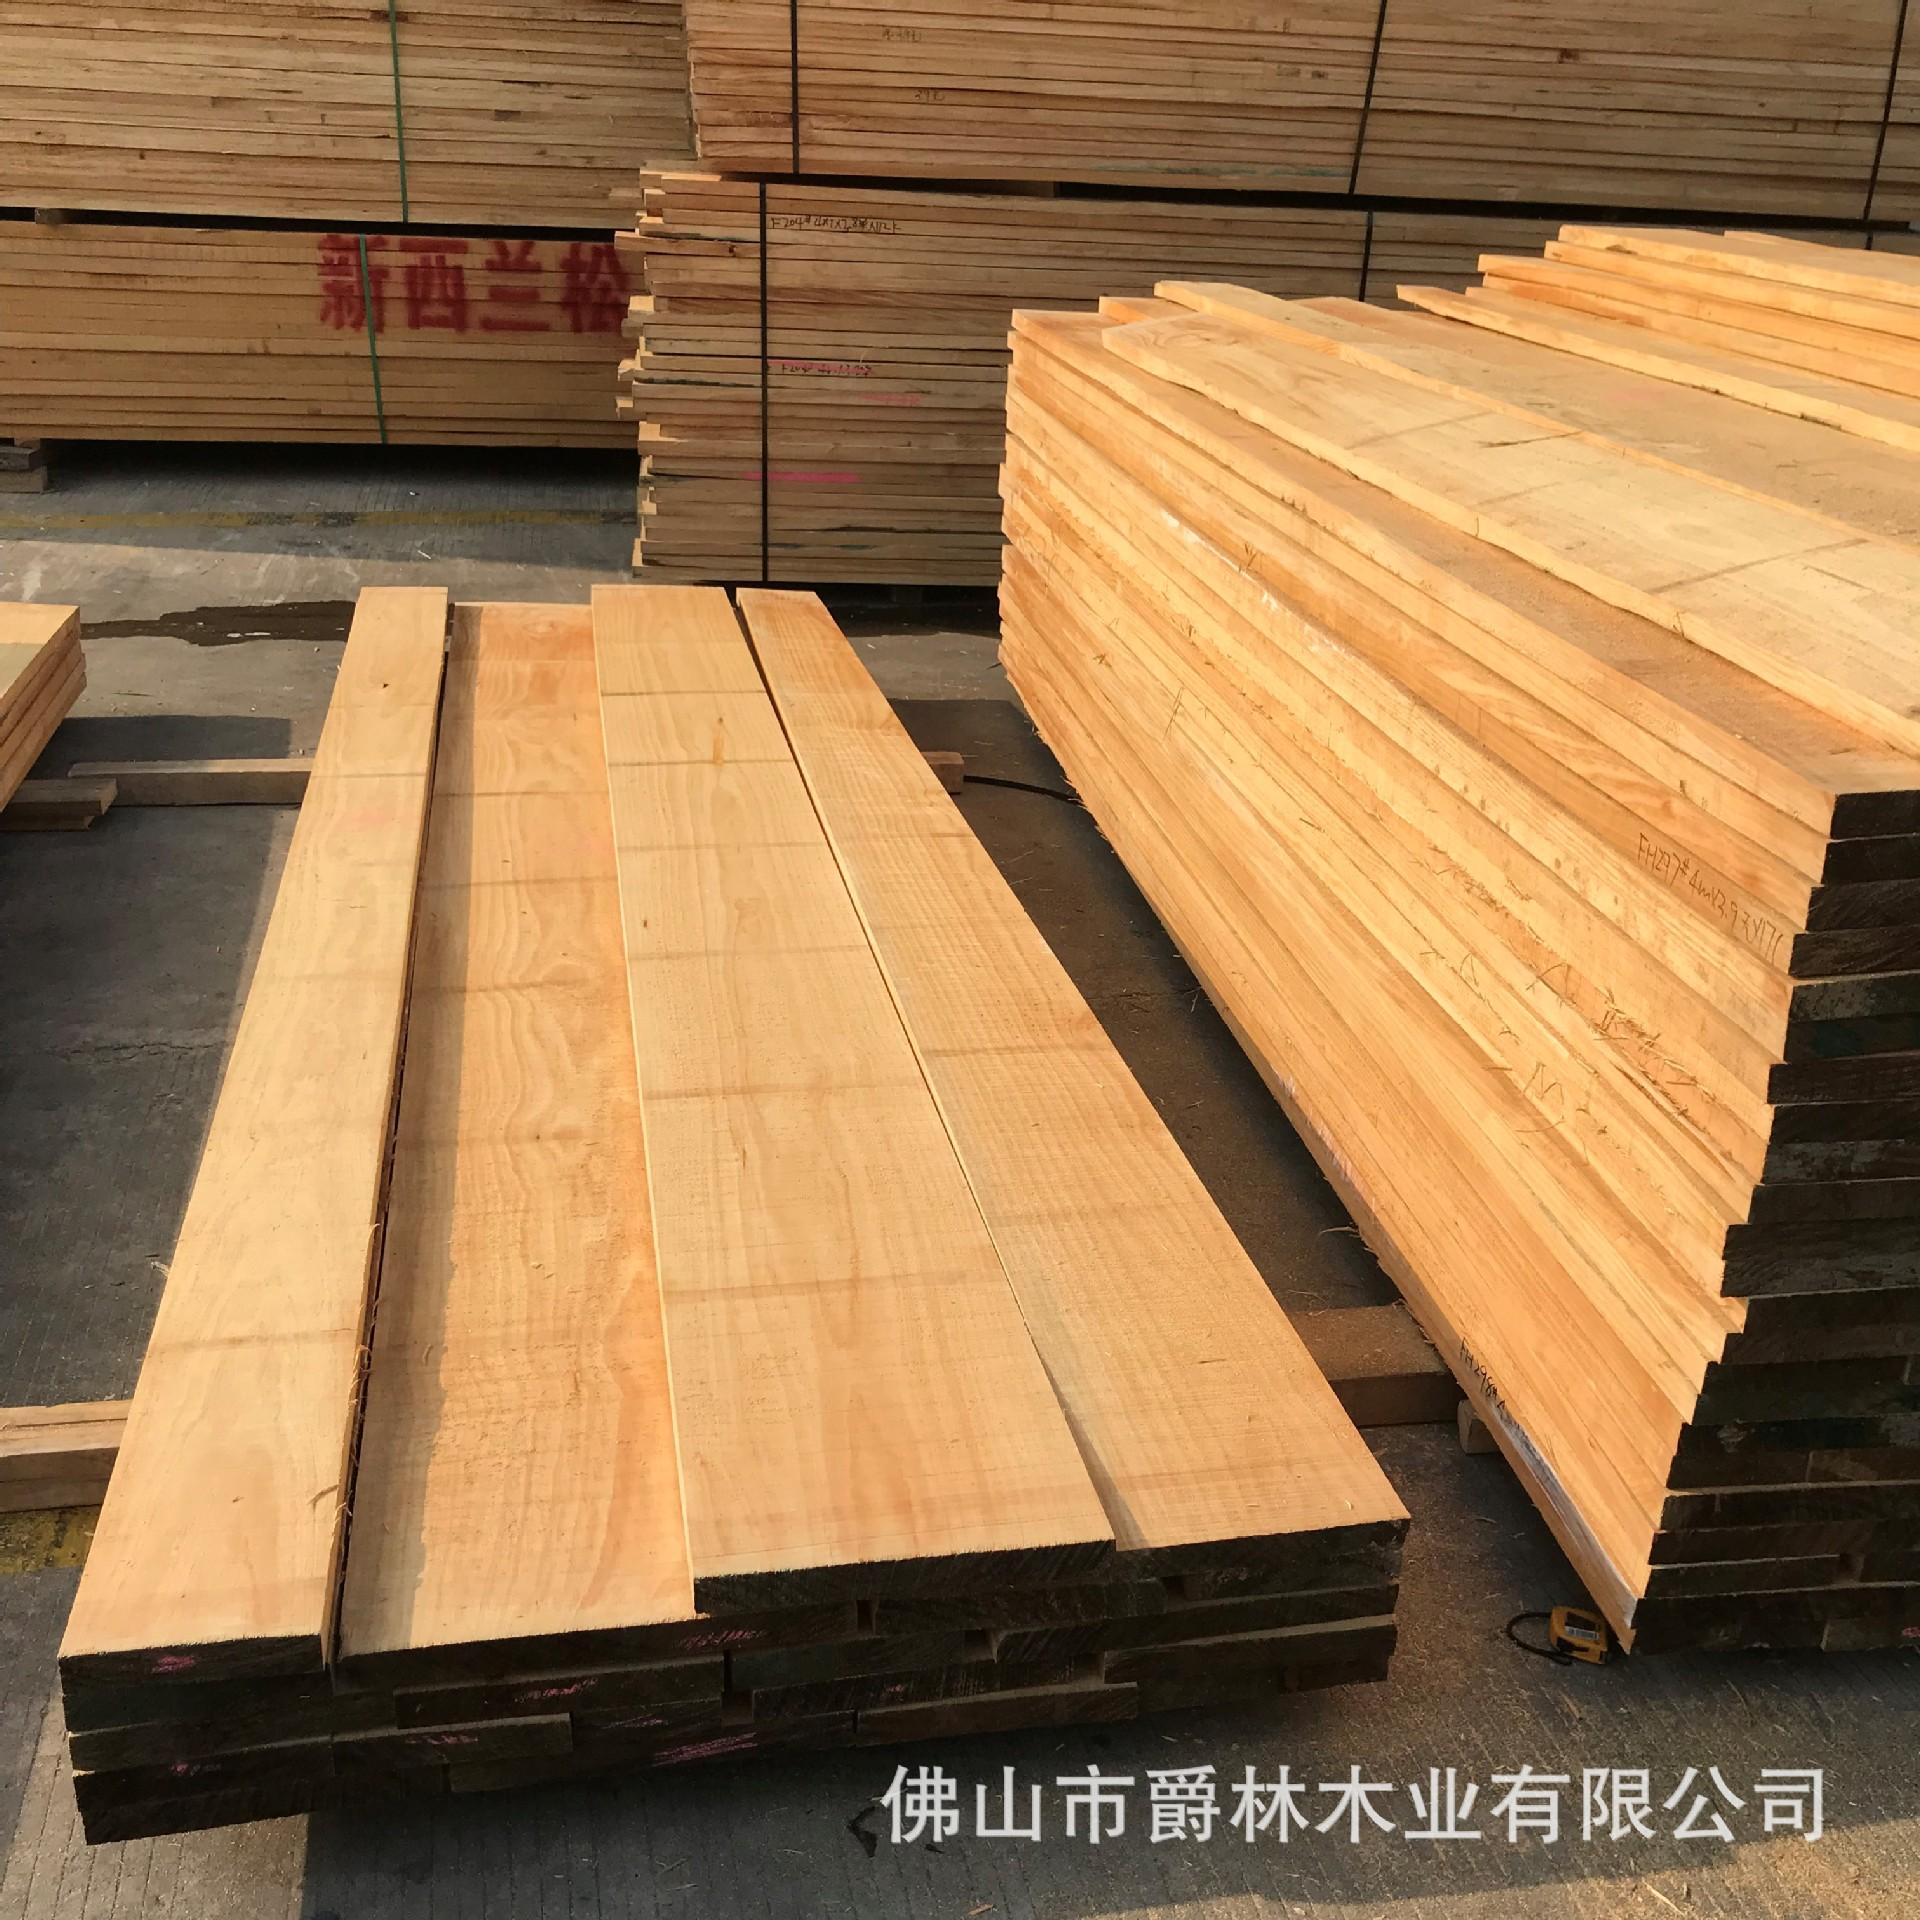 單面輻射松 新西蘭松 智利松批發 家具松木板可加工定制廠家直銷-阿里巴巴